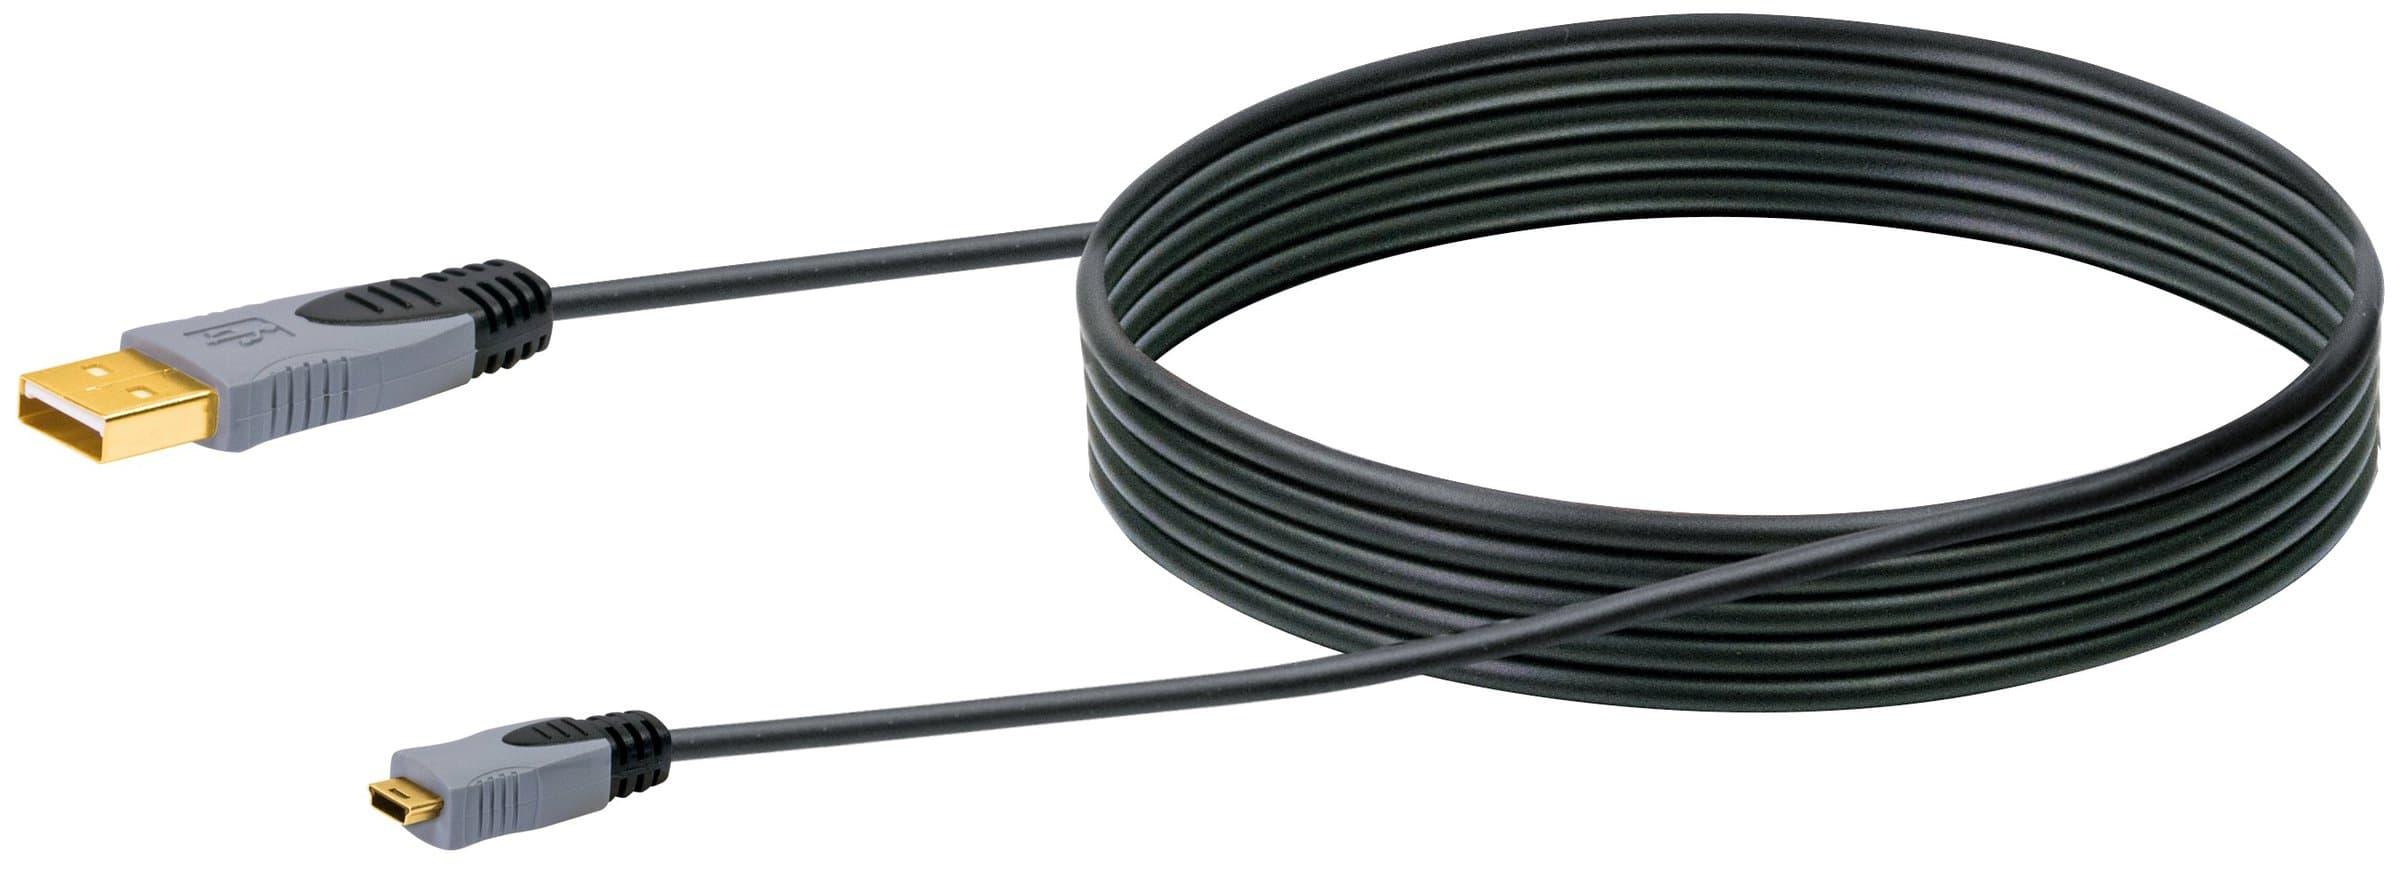 Schwaiger Cable USB 2.0 HQ 2m noir, USB 2.0 typeA / Mini-USB